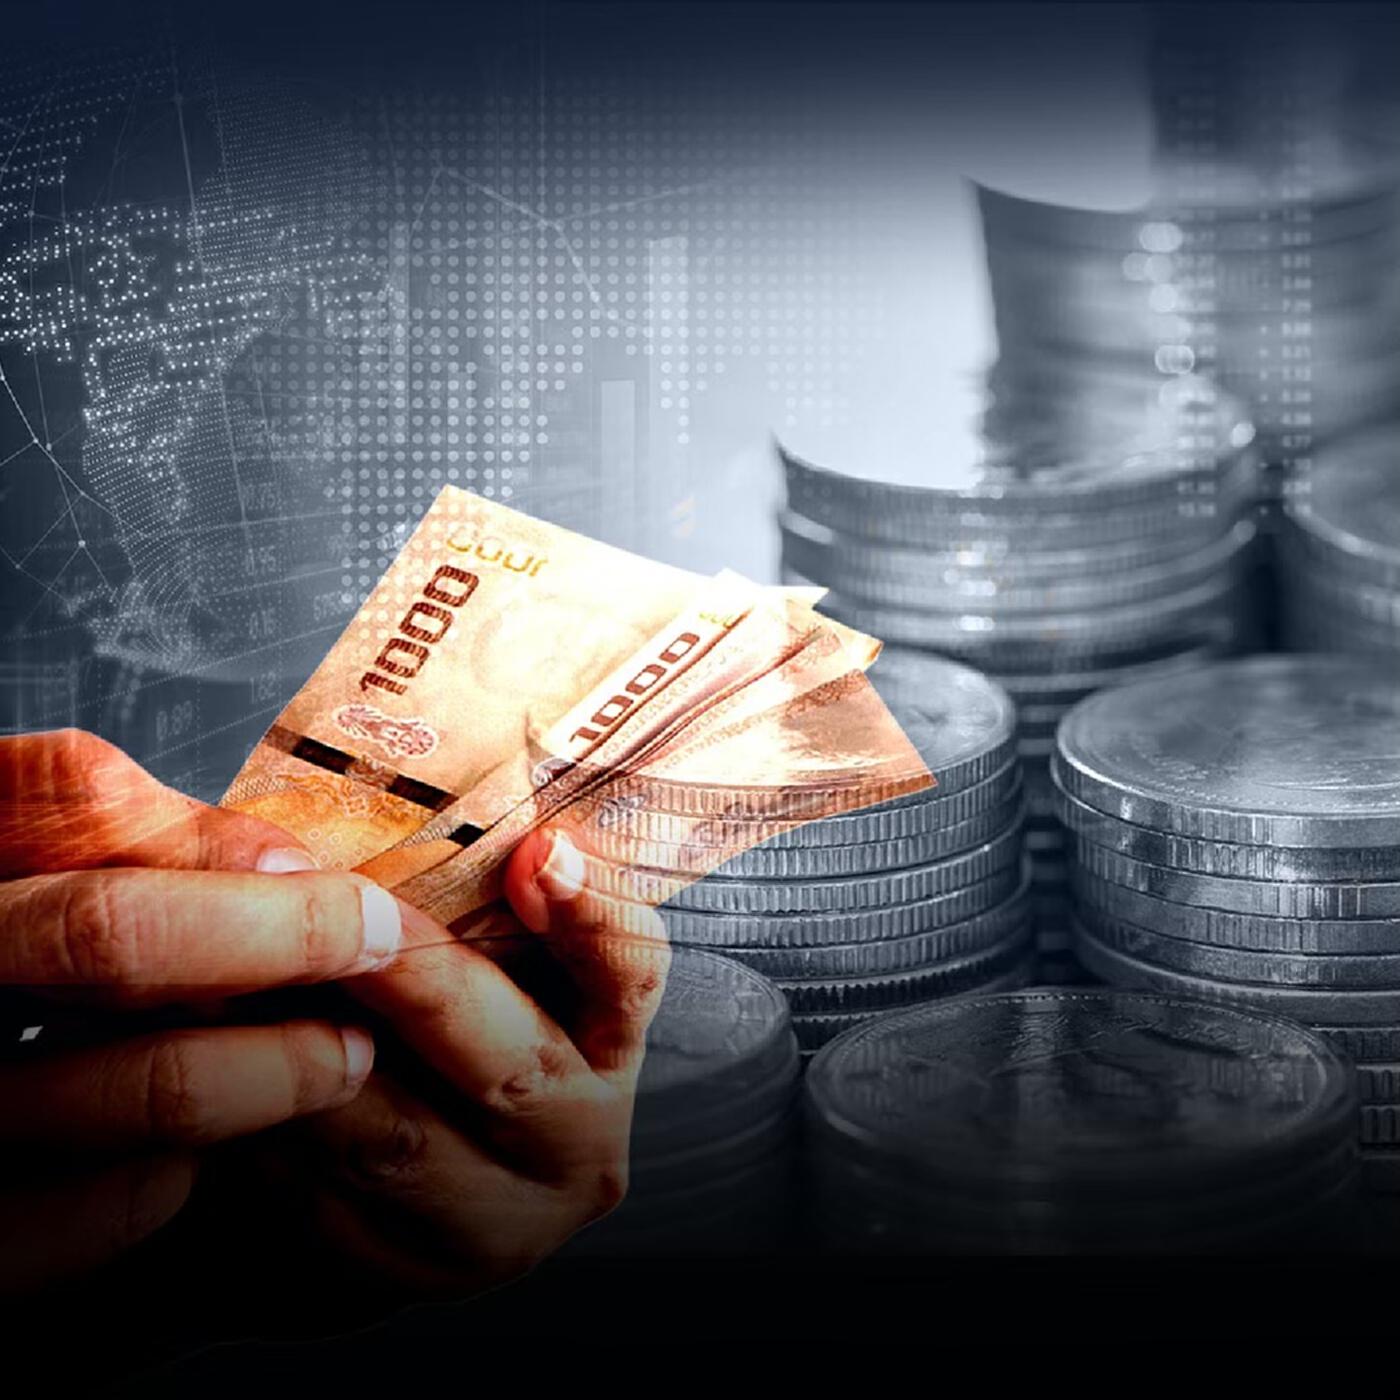 'เงินบาท' วันนี้เปิด'แข็งค่า' ที่33.17 บาทต่อดอลลาร์